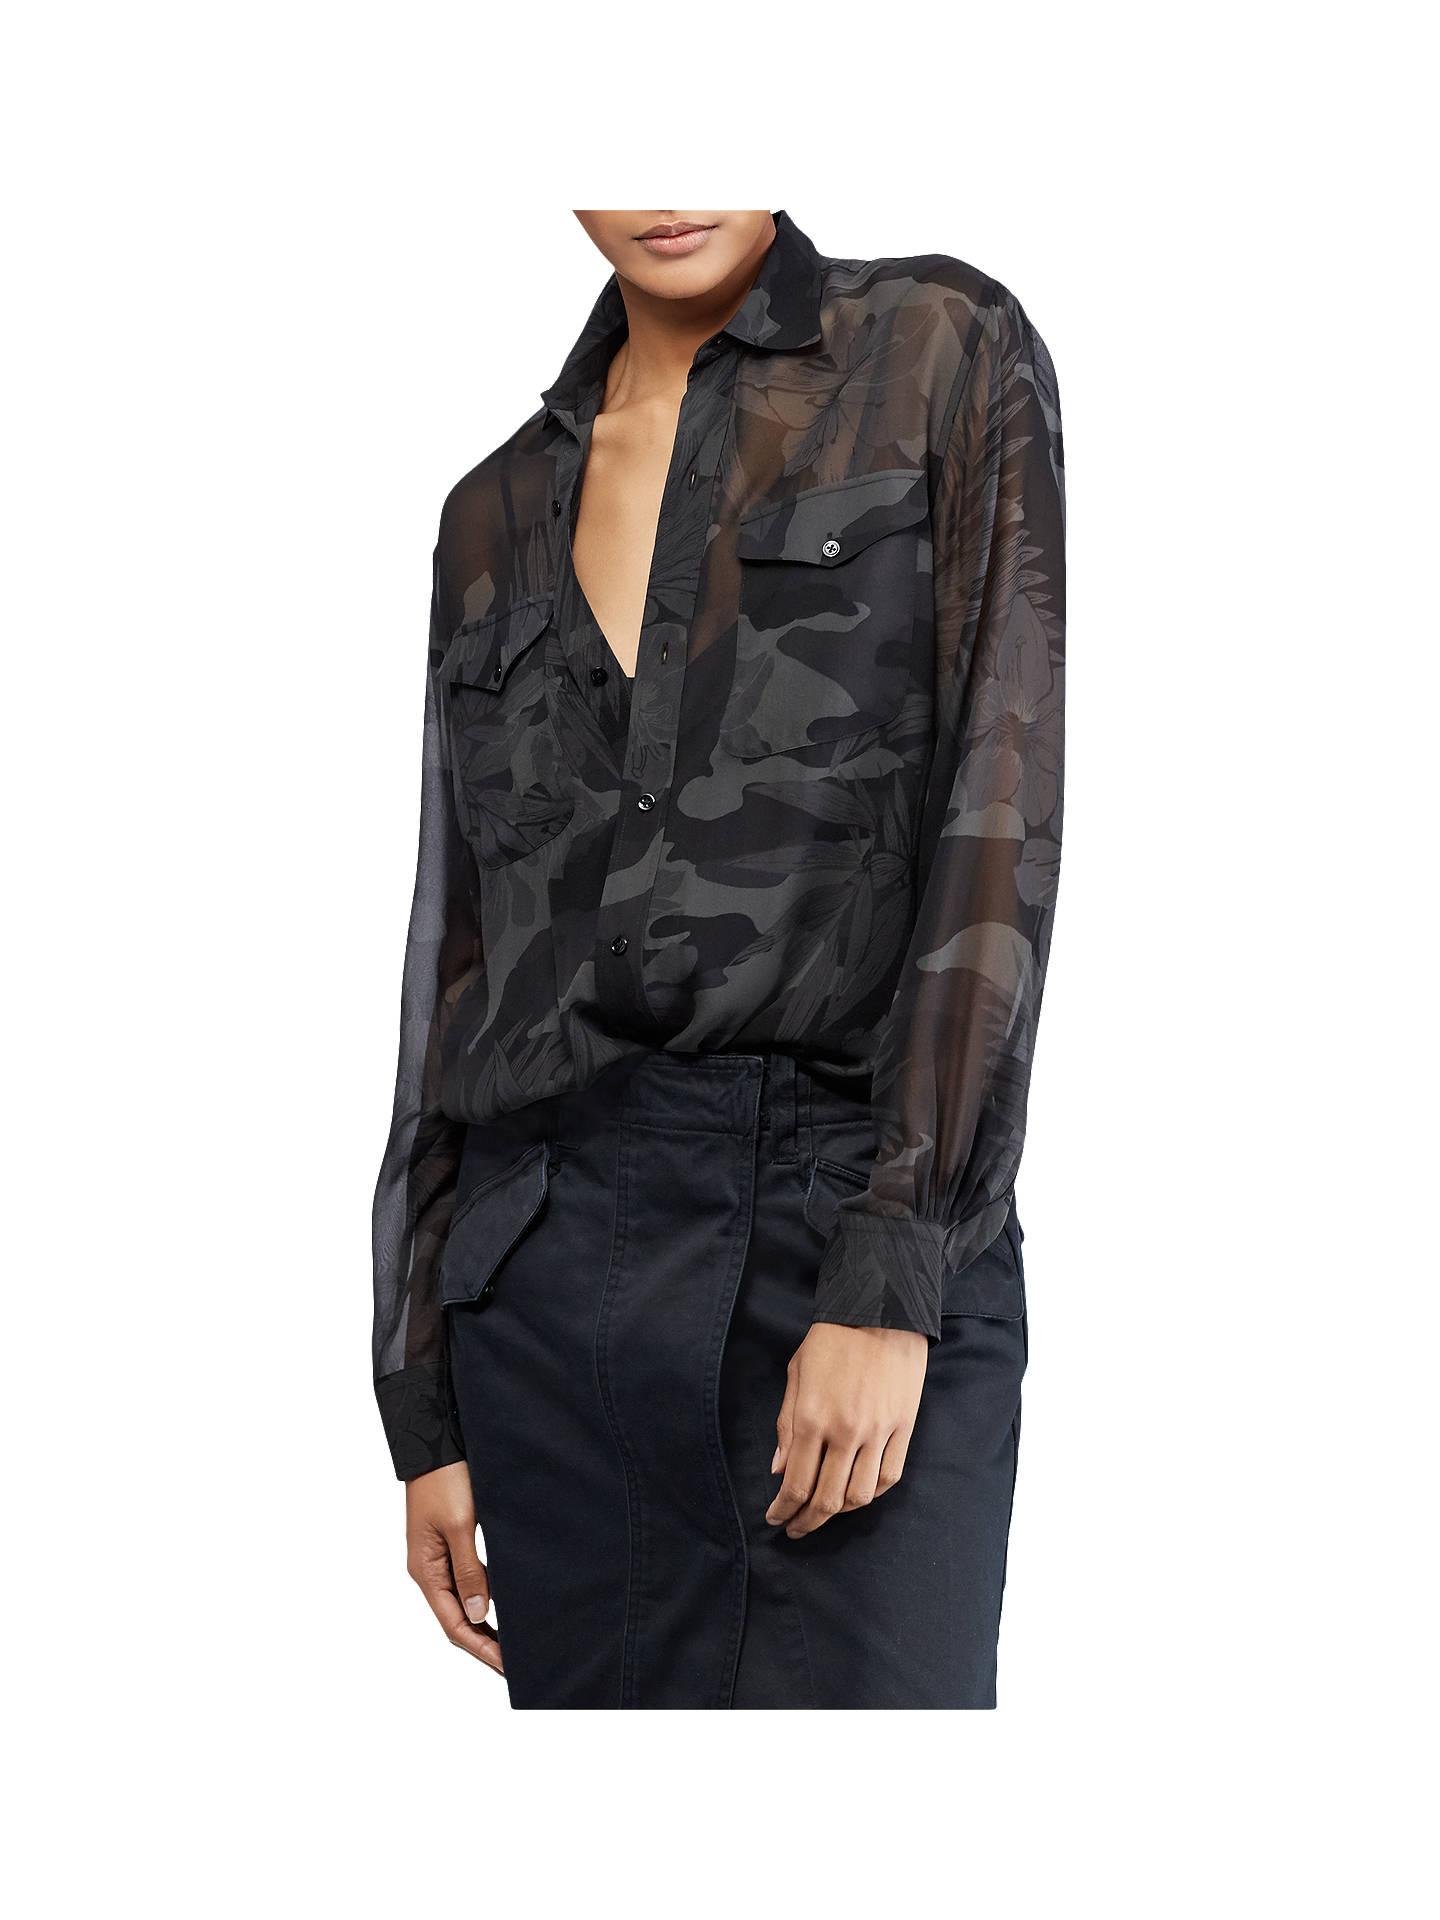 33d2b4a9c65b2 Buy Polo Ralph Lauren Camouflage Silk Shirt